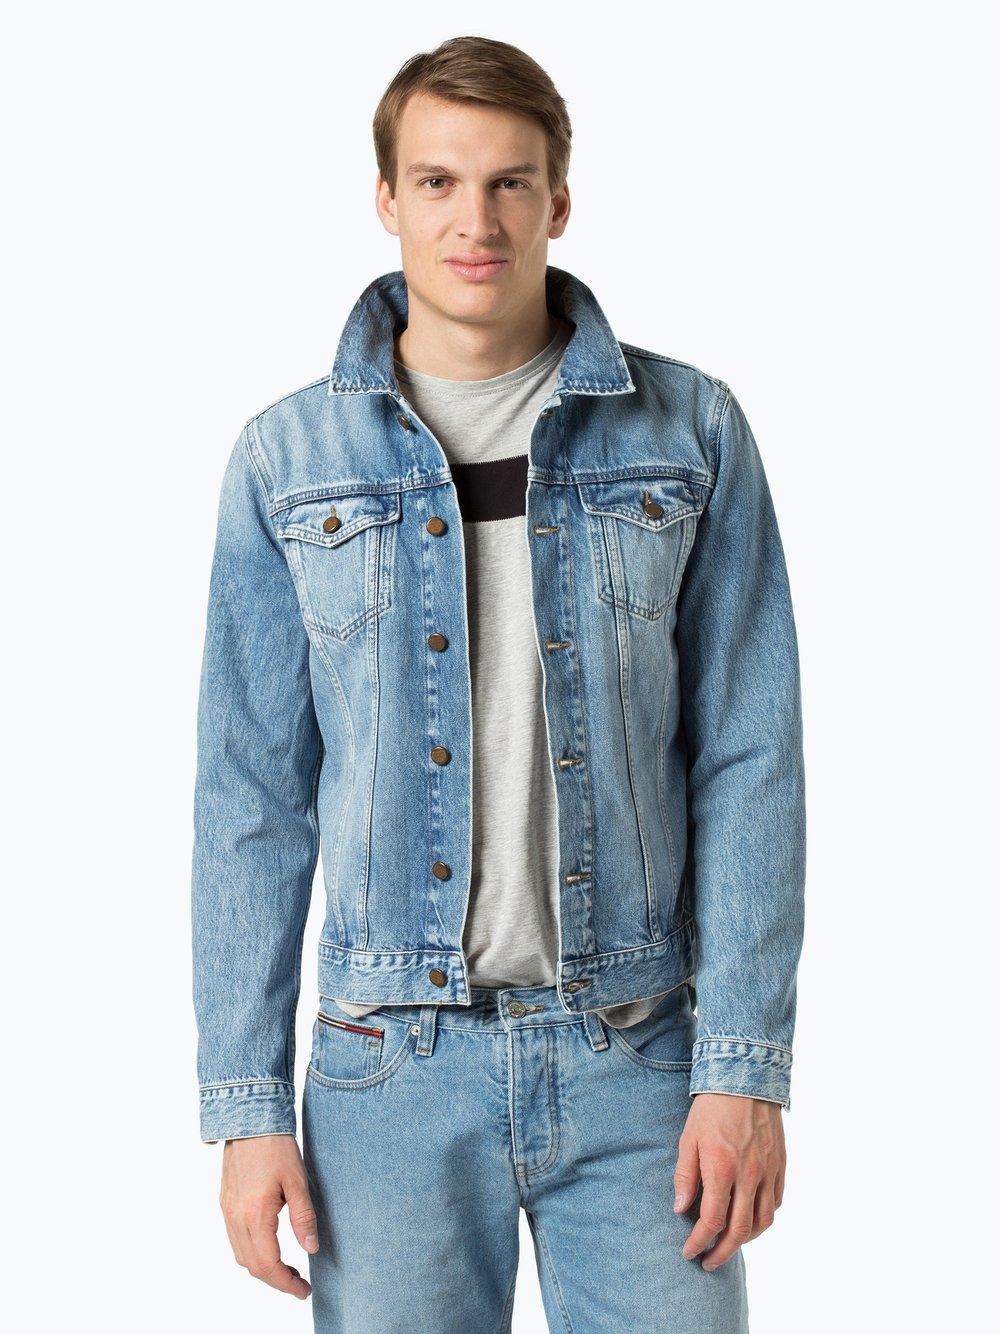 ae4df550adc59 Tommy Hilfiger Męska kurtka jeansowa kup online